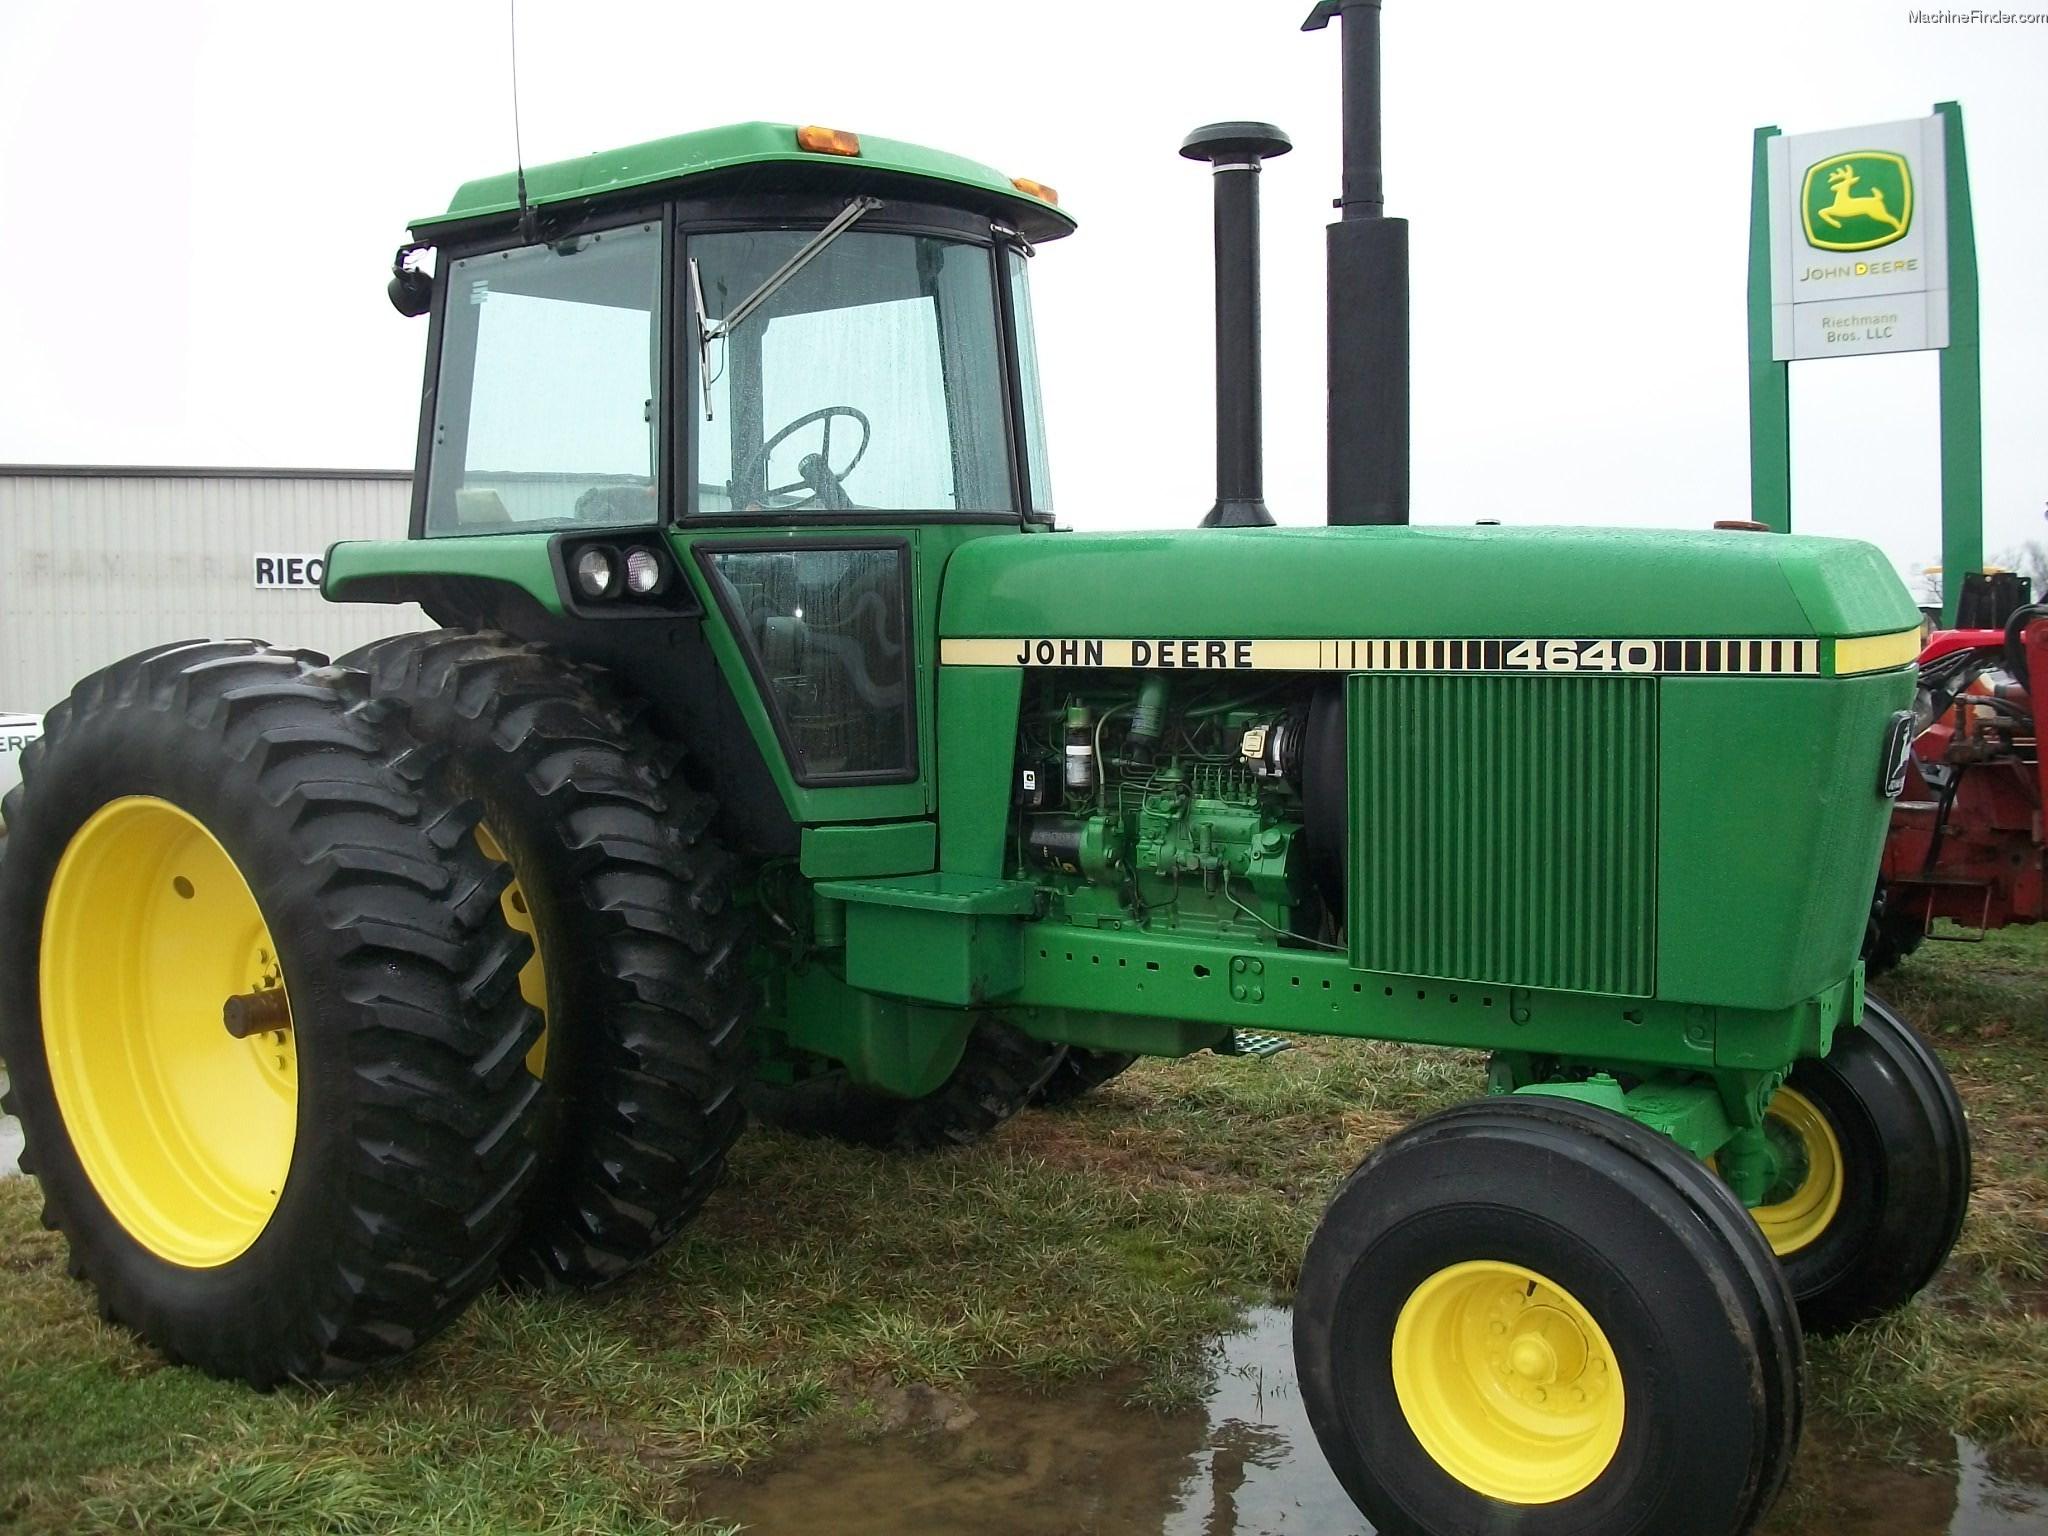 1981 John Deere 4640 Tractors - Row Crop (+100hp) - John ...